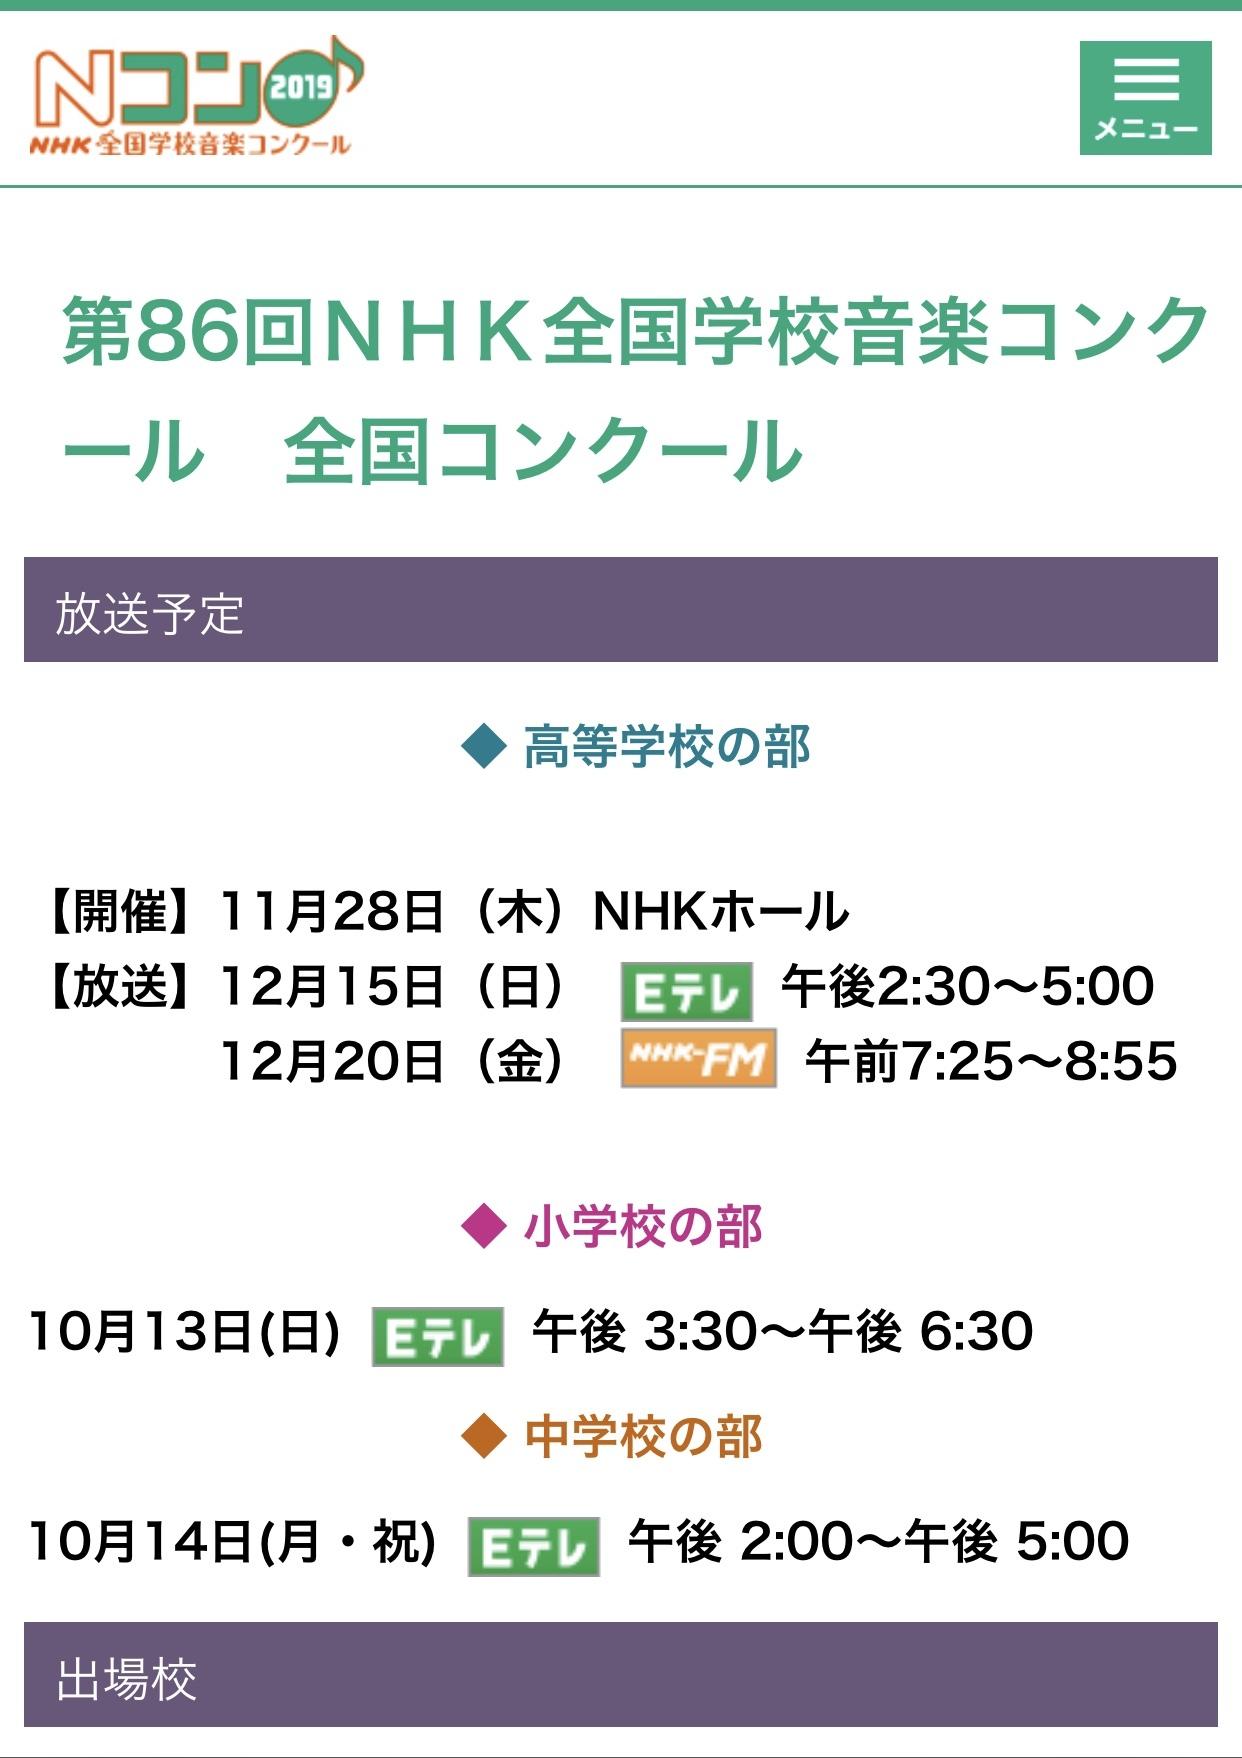 桐光学園合唱部 Nコン初全国の舞台へ@NHKホール_a0157409_17381751.jpeg